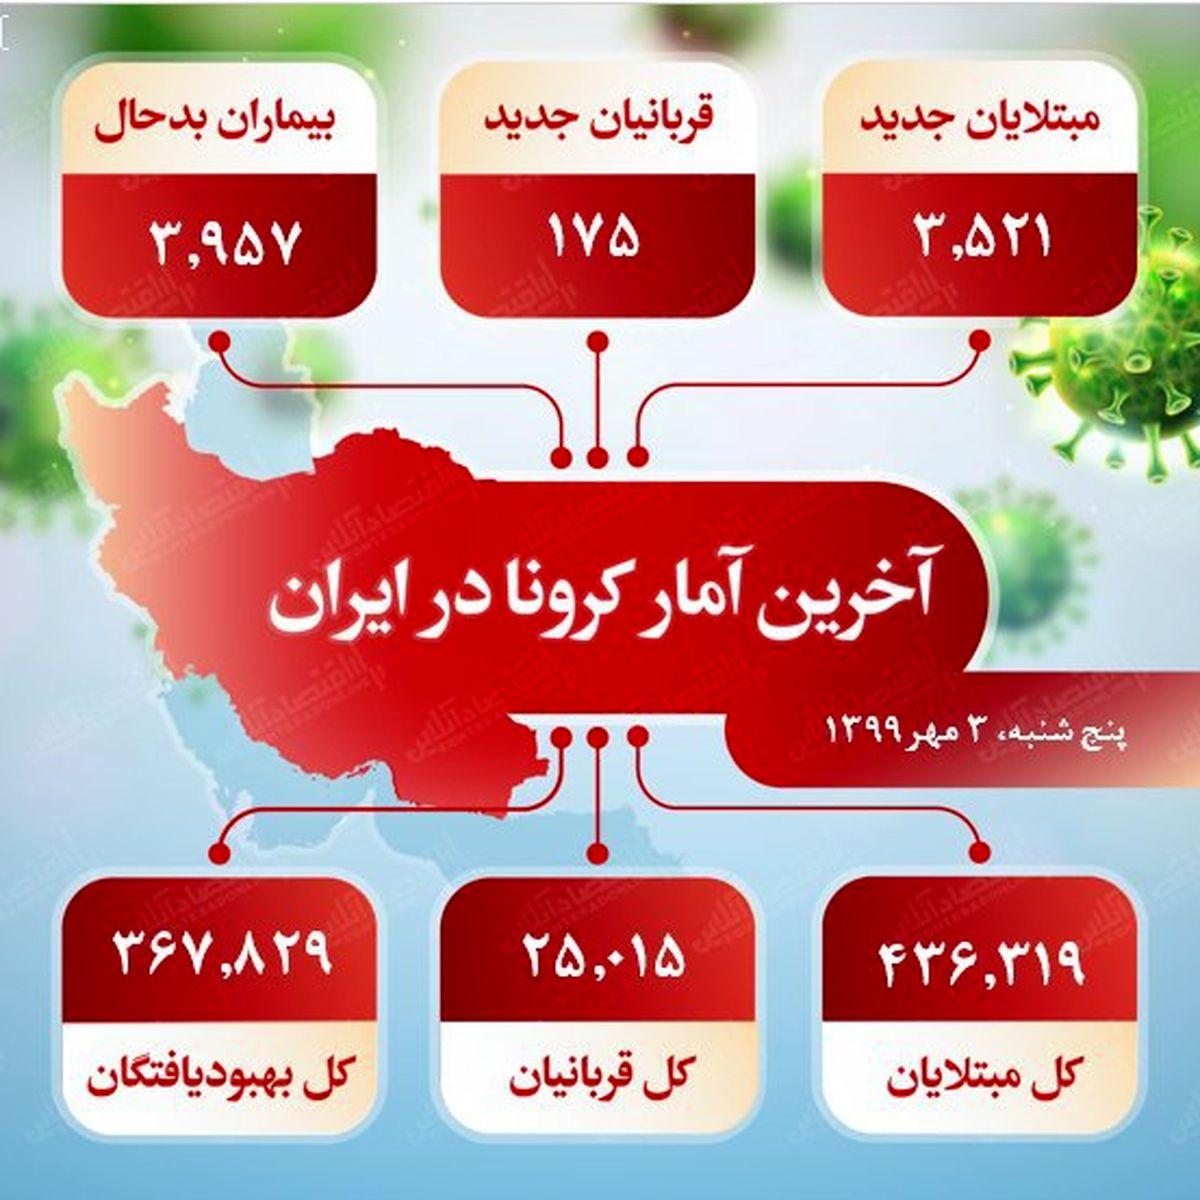 آخرین آمار کرونا در ایران (۱۳۹۹/۷/۳)